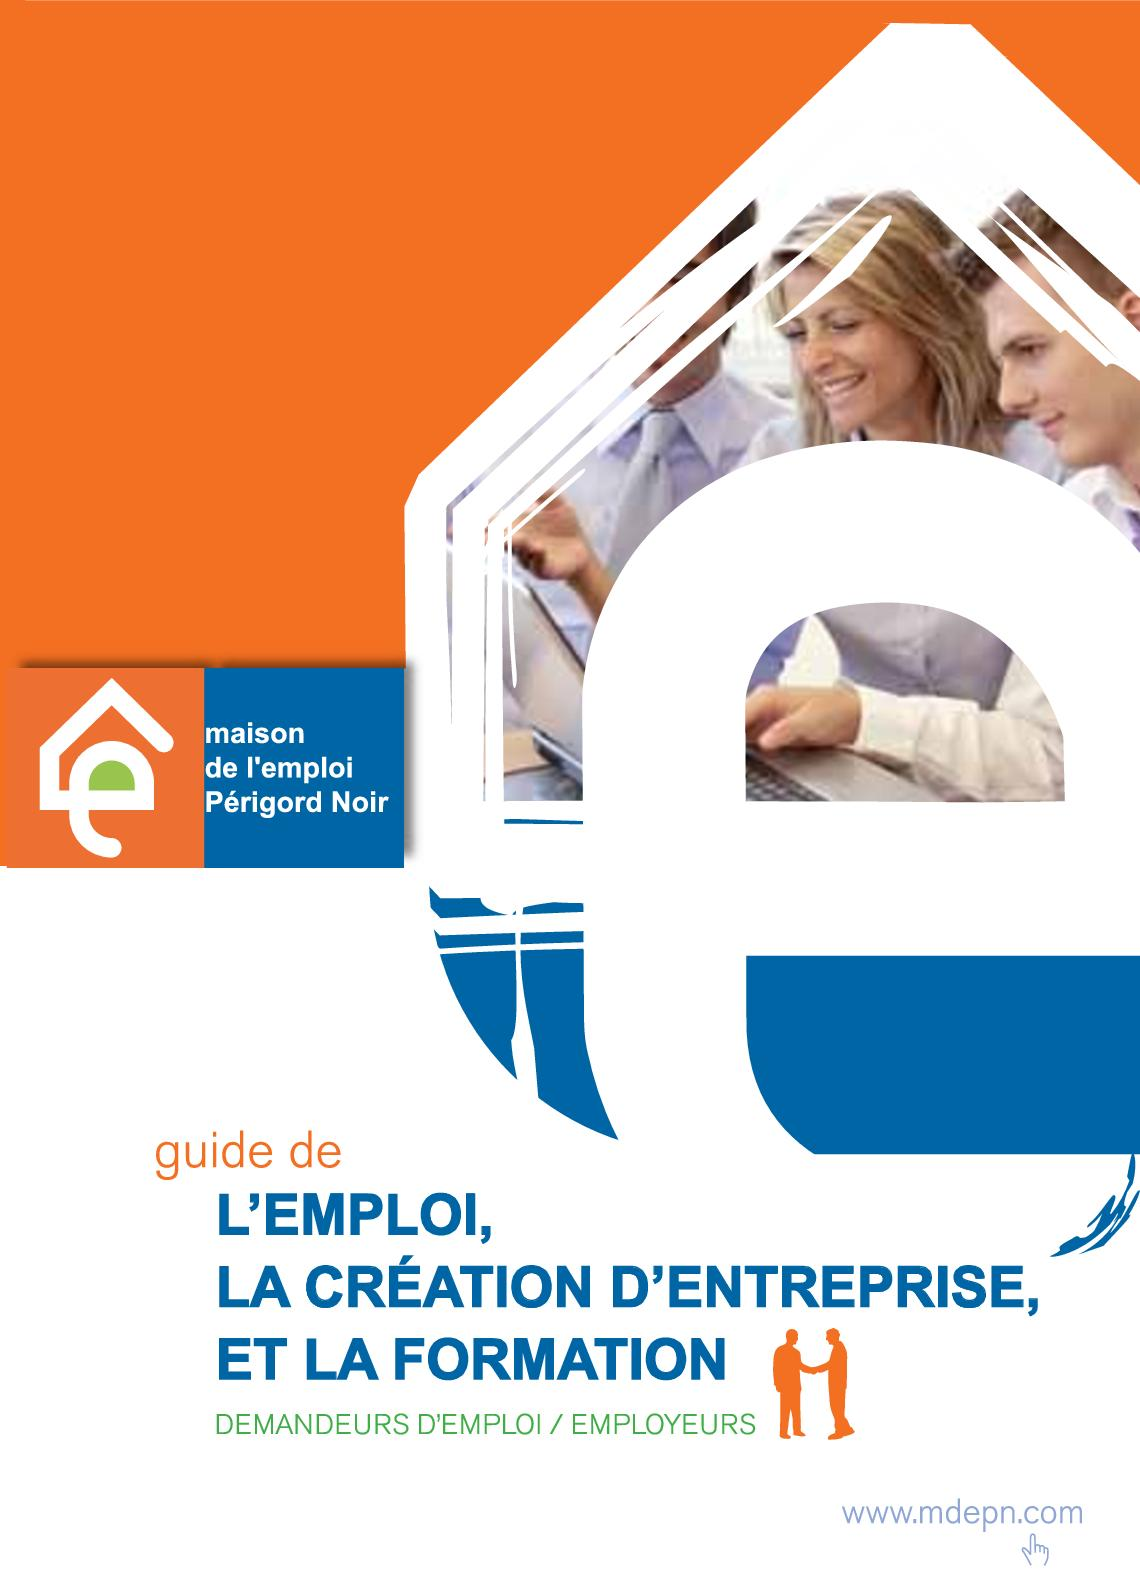 Calaméo Guide Des Partenaires Mde 2010pour Sitedc 10